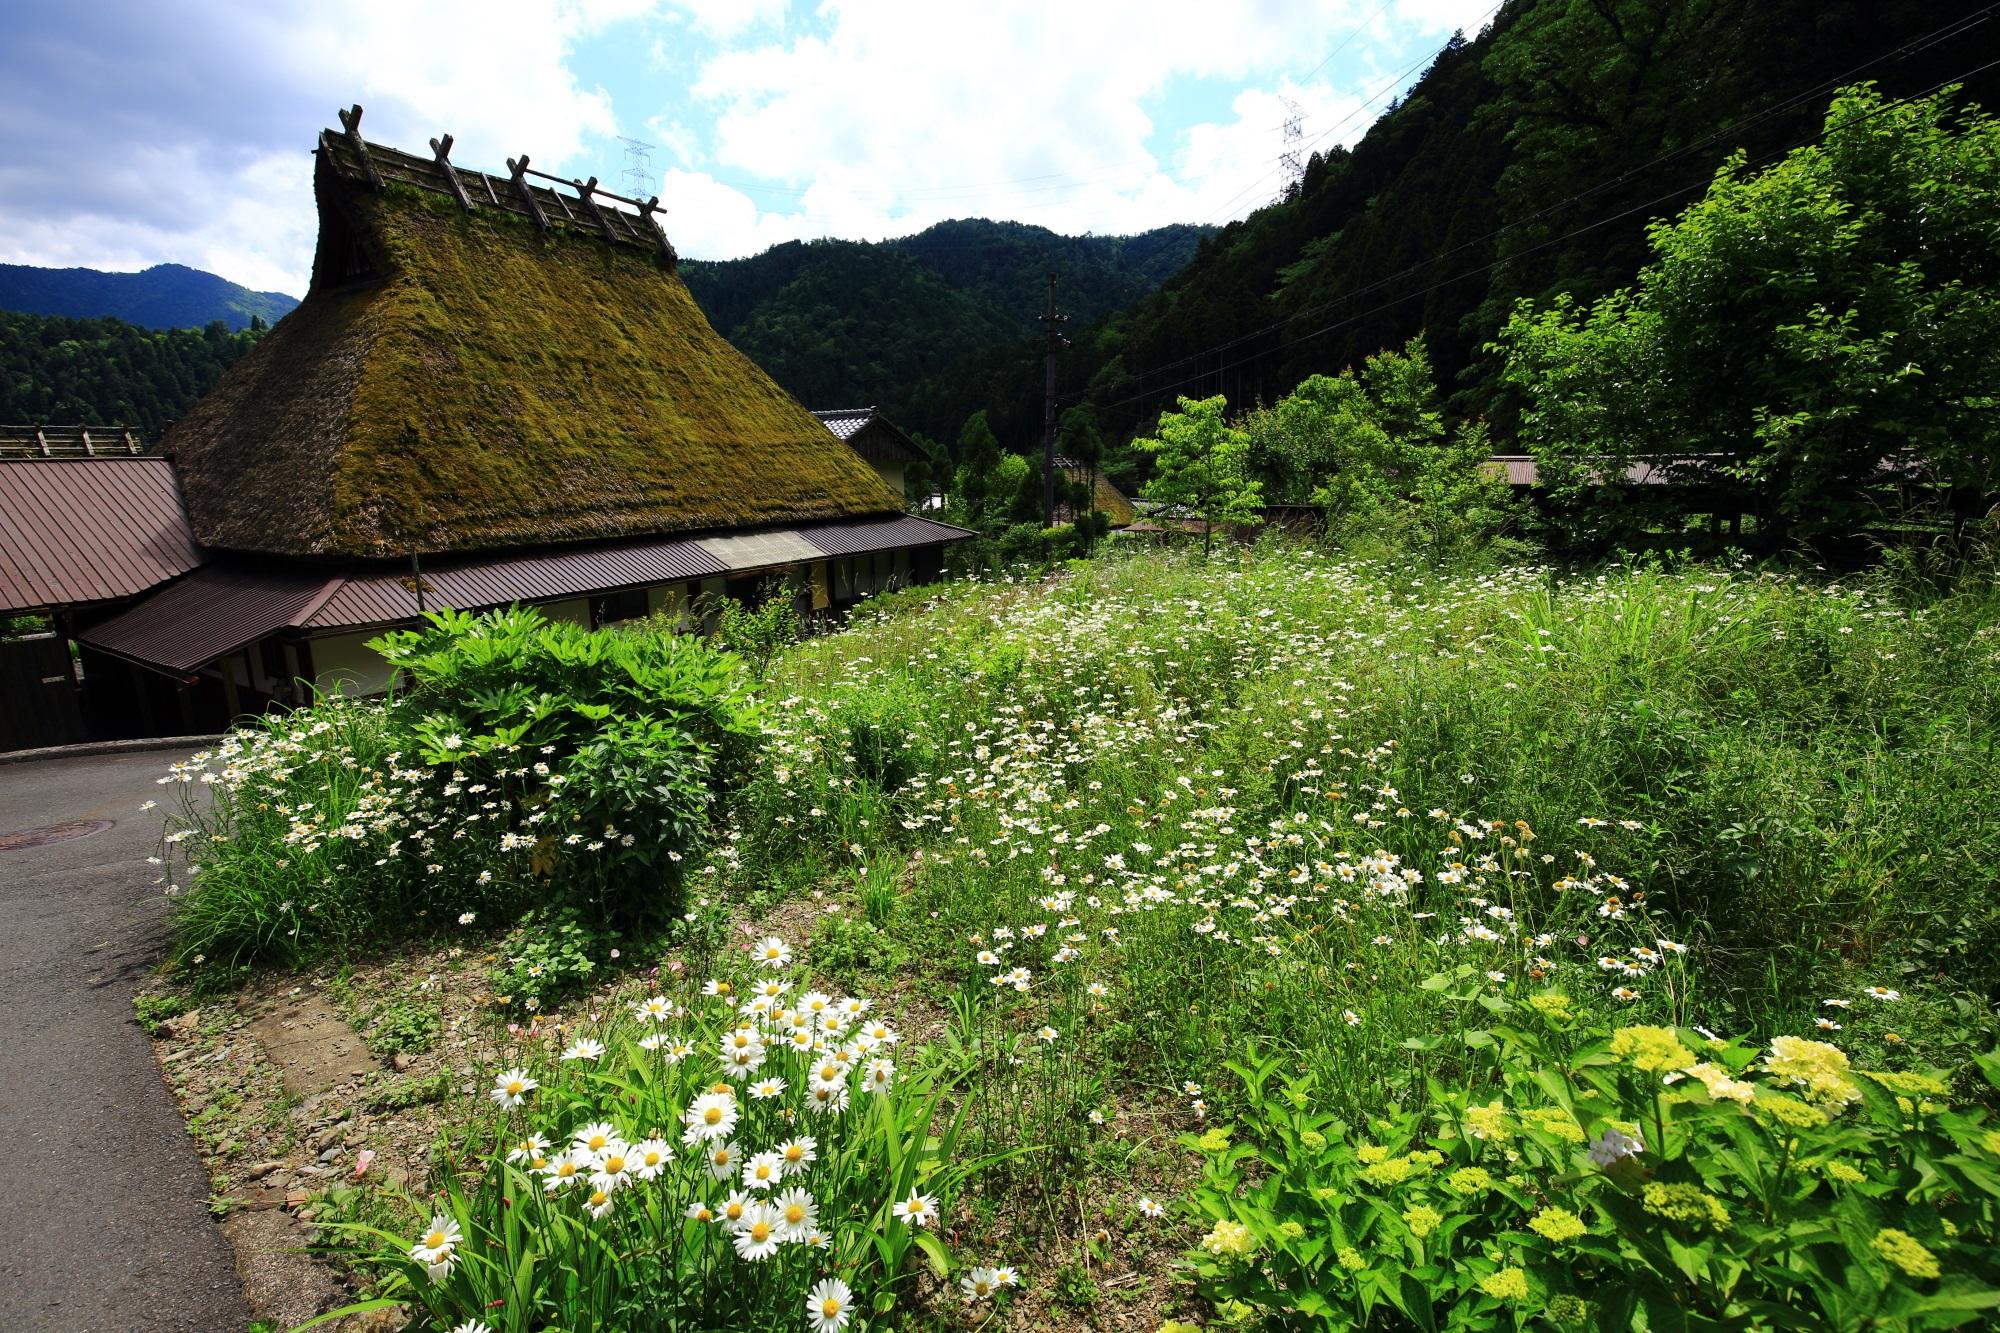 京都府も町も観光化を進めている普通に人が住むかやぶきの里